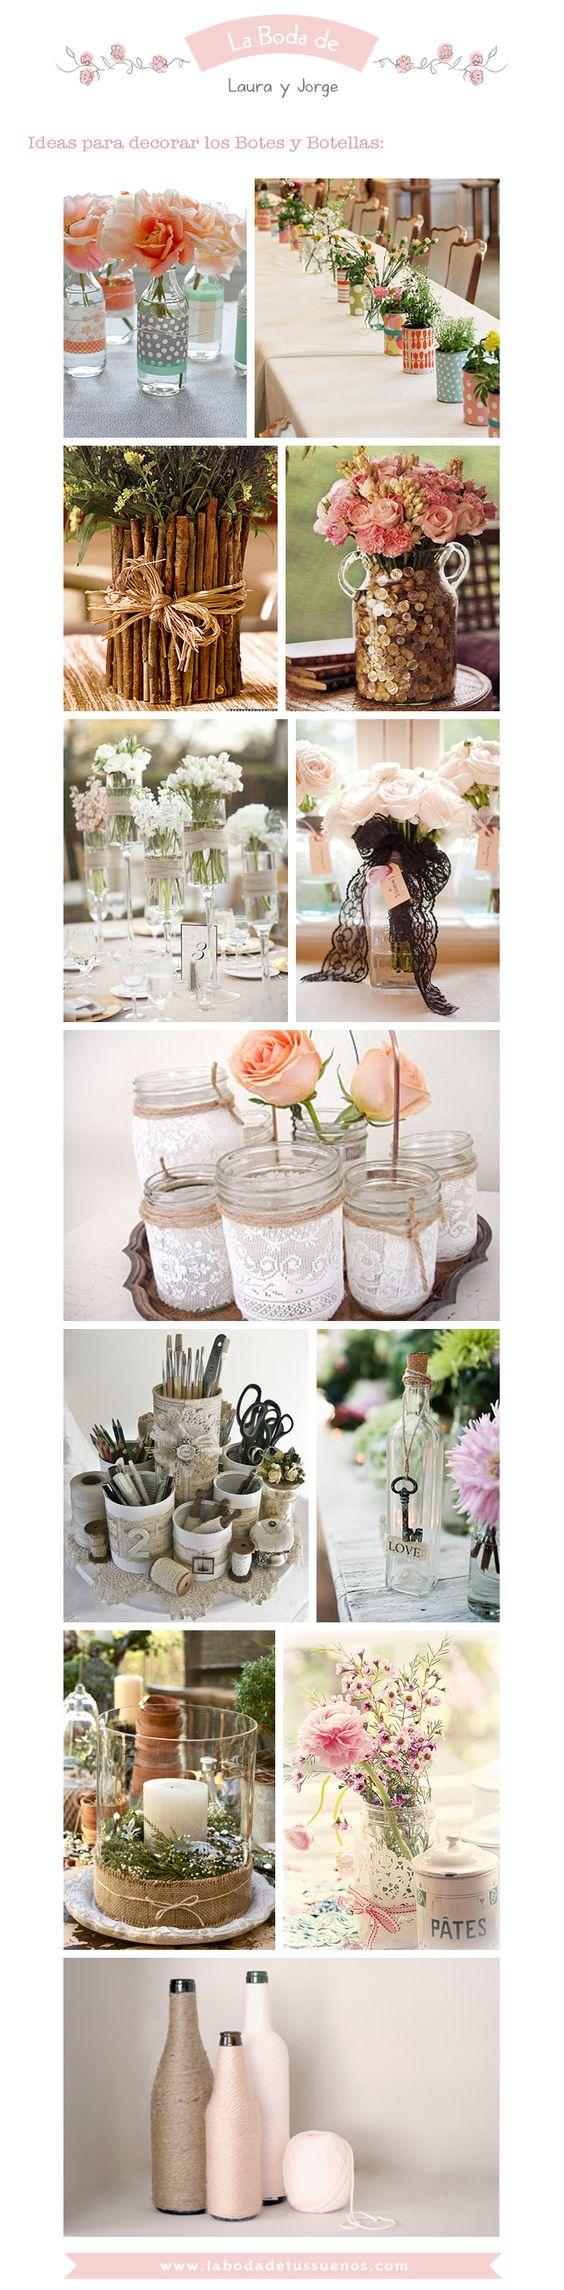 Ideas para decorar los botes de cristal y las botellas :)